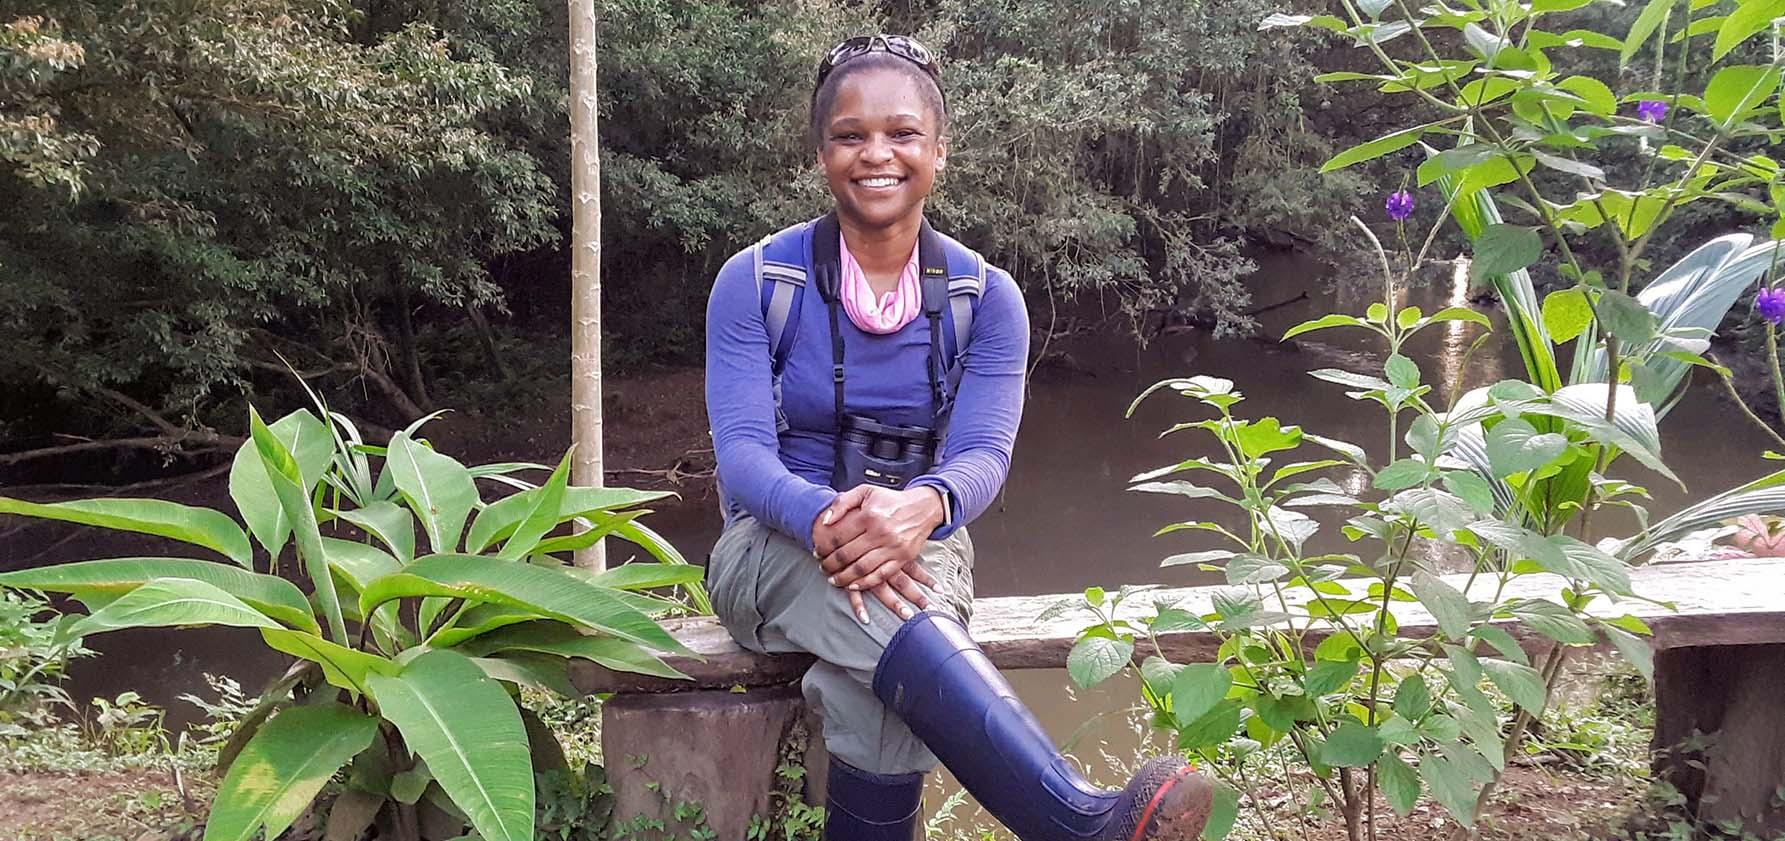 Natasha Woods on a hike in Costa Rica.